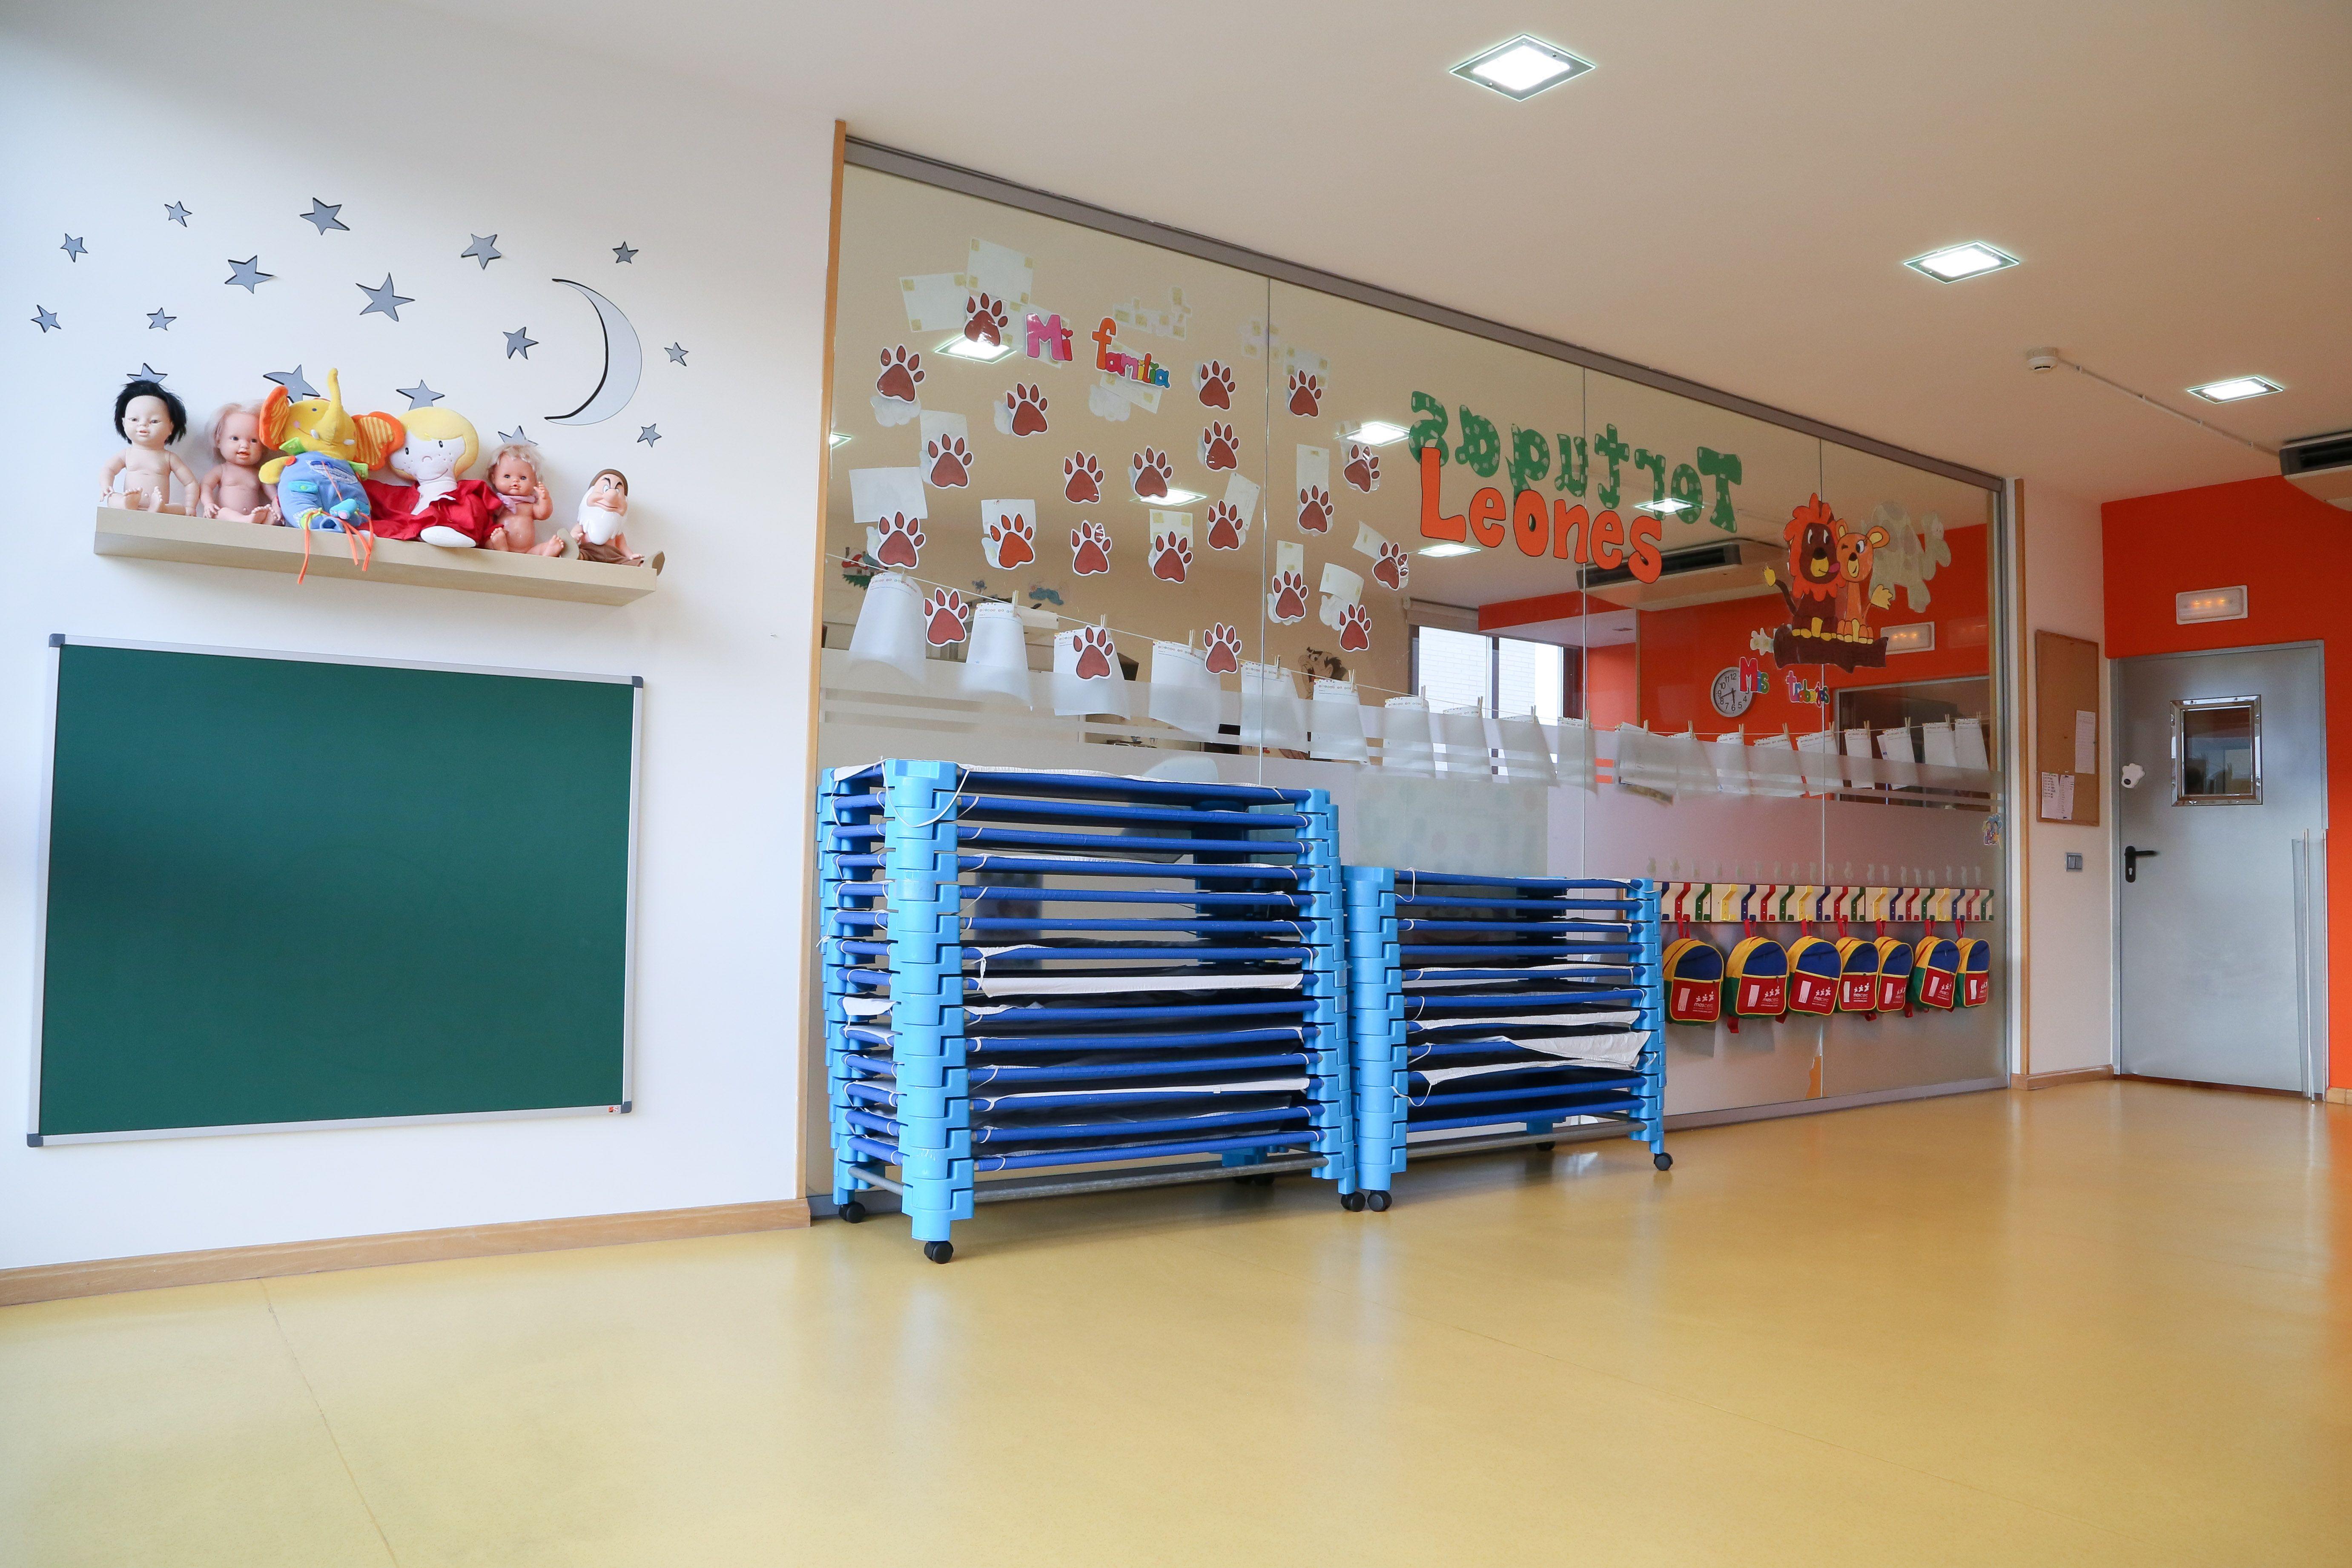 Foto 1 de Guarderías y Escuelas infantiles en Madrid | Mascero Escuela Infantil